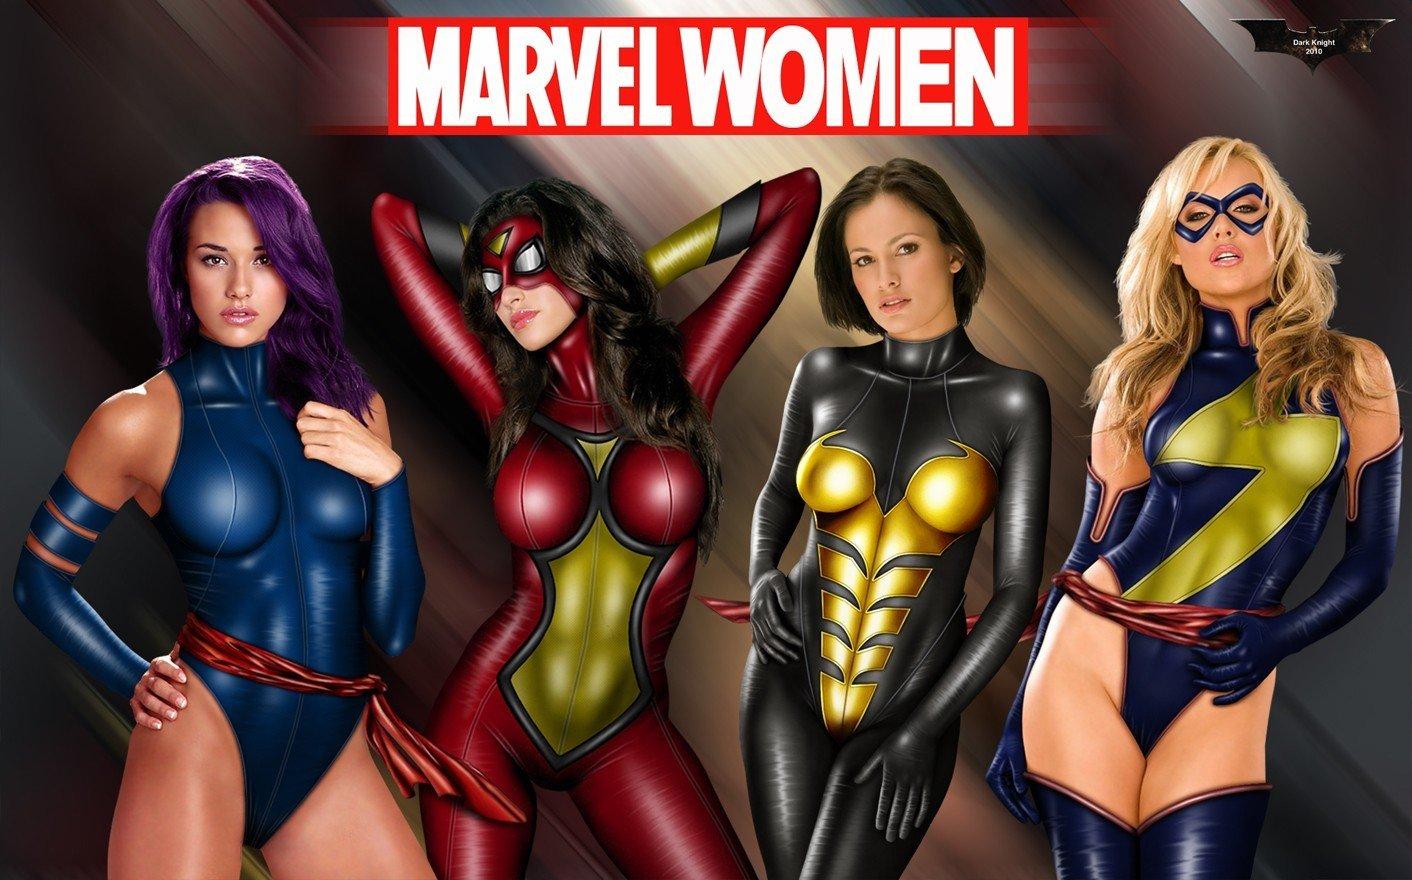 Naked superhero females